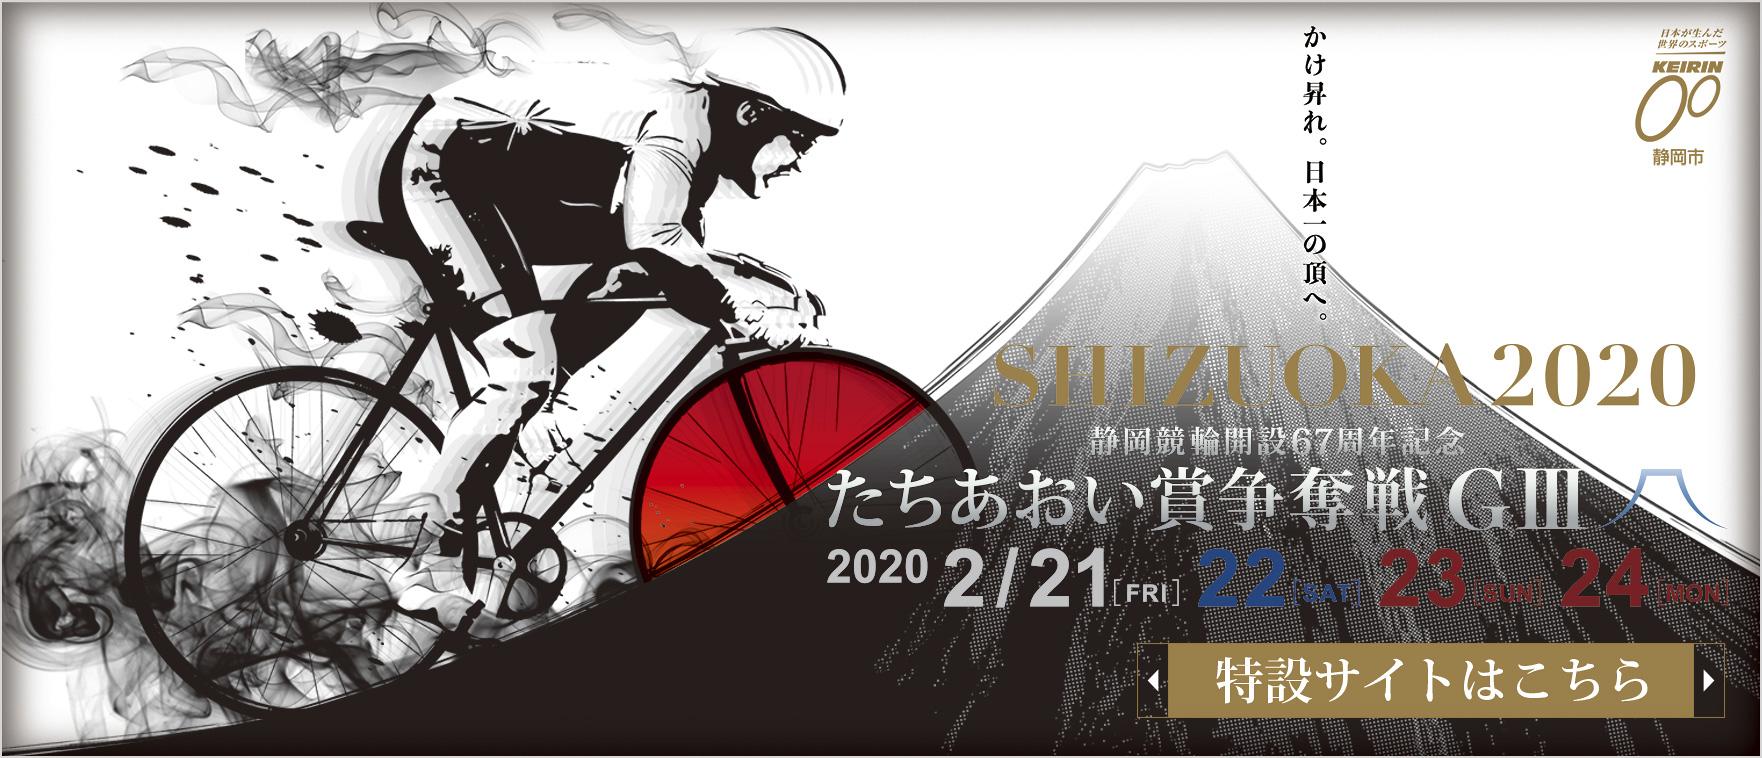 静岡記念特別サイト